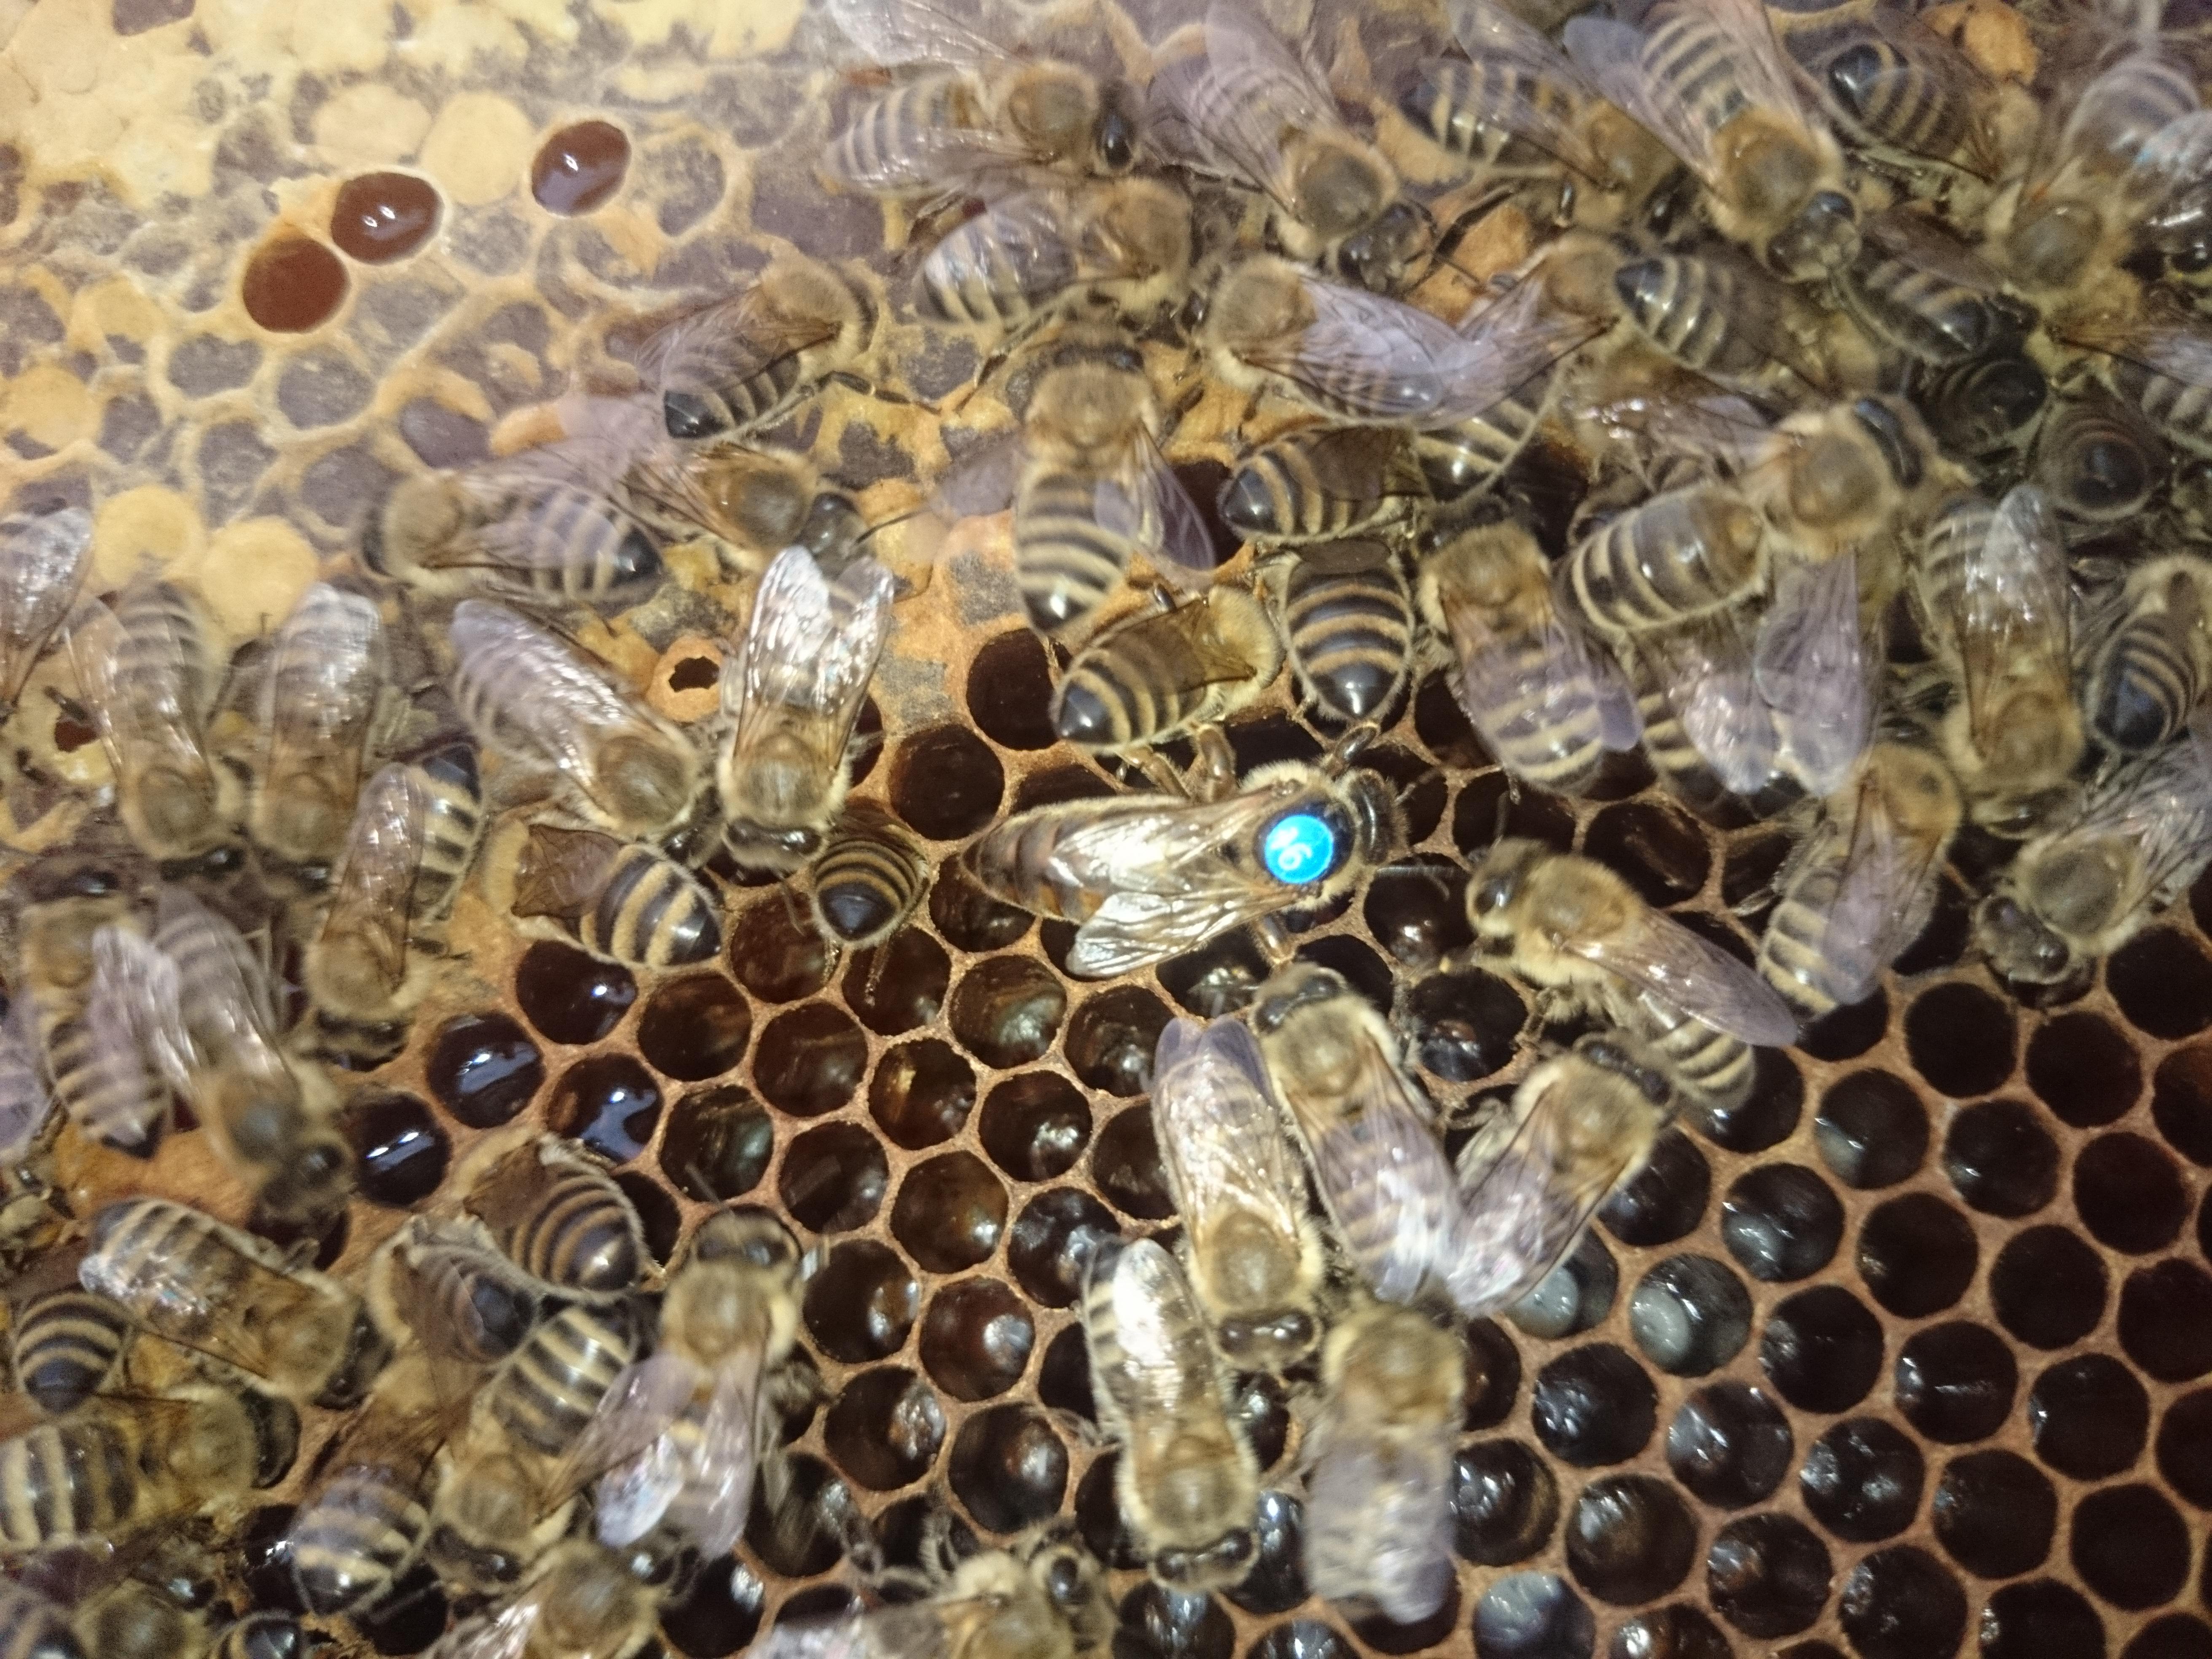 Bienen-Bilder Ausgabe #2 / Bienentagebuch #1